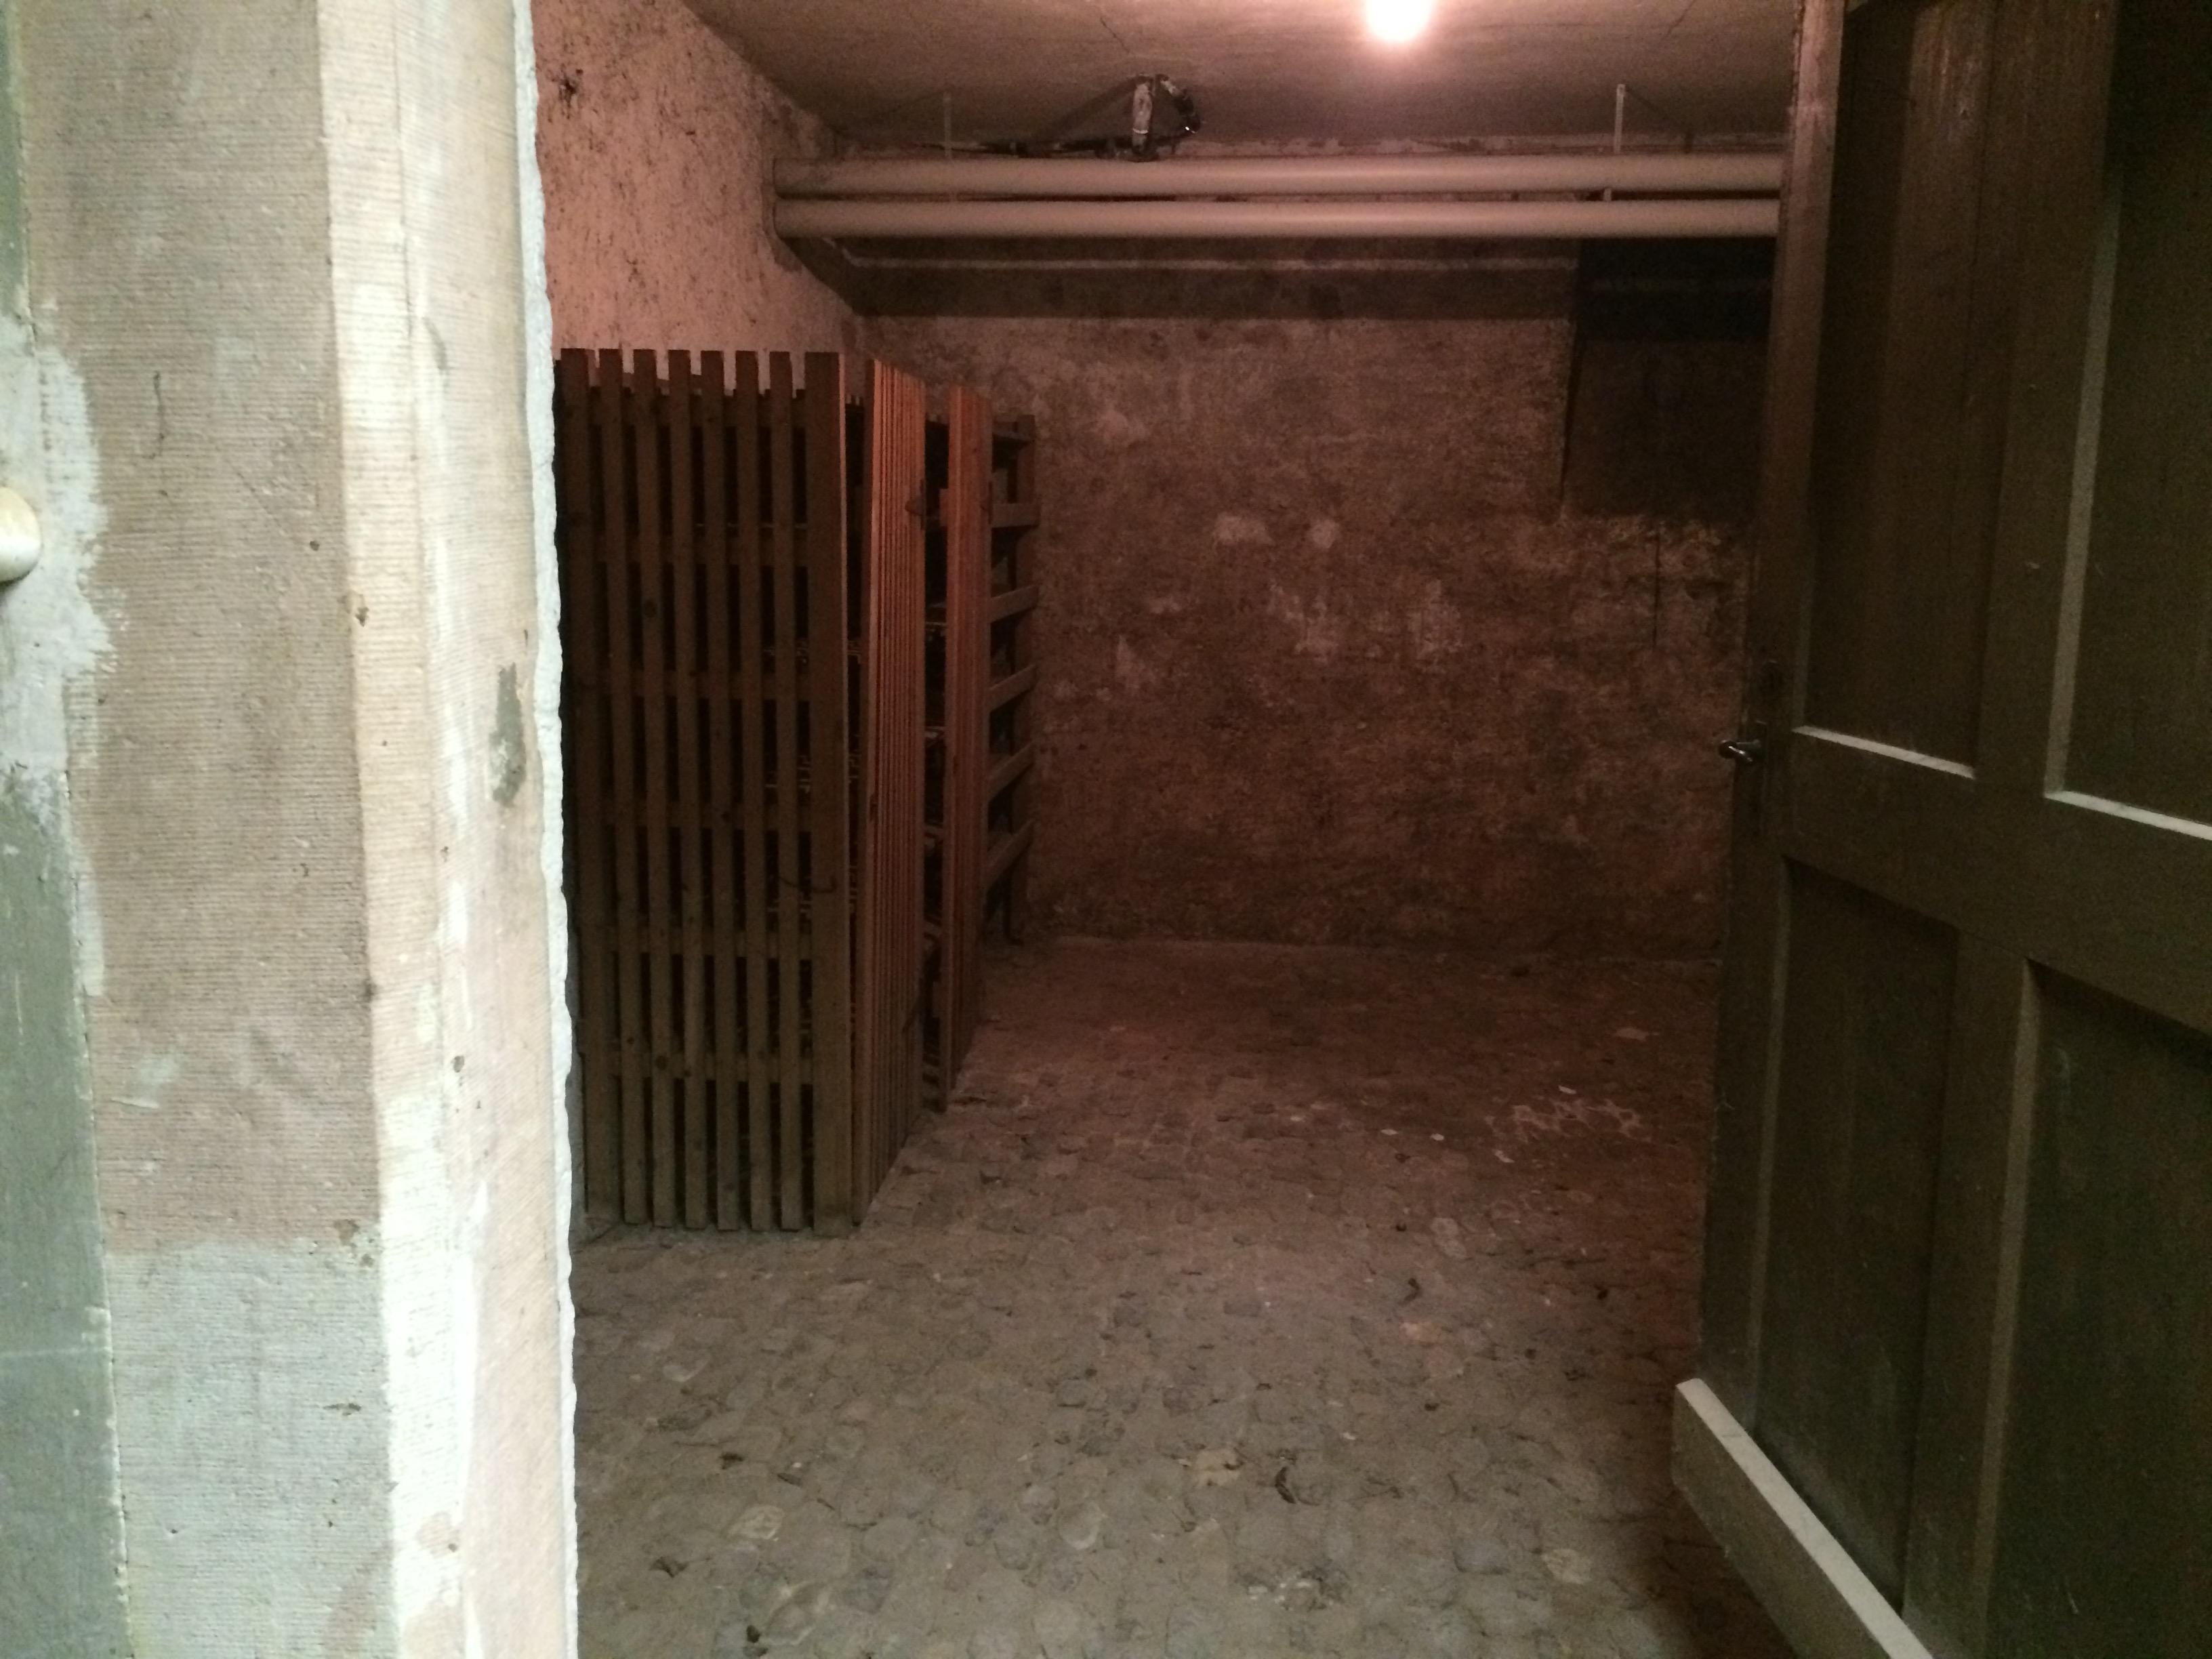 So sieht es momentan im Keller des Hauptbaus aus: unbenutzt und heruntergekommen.